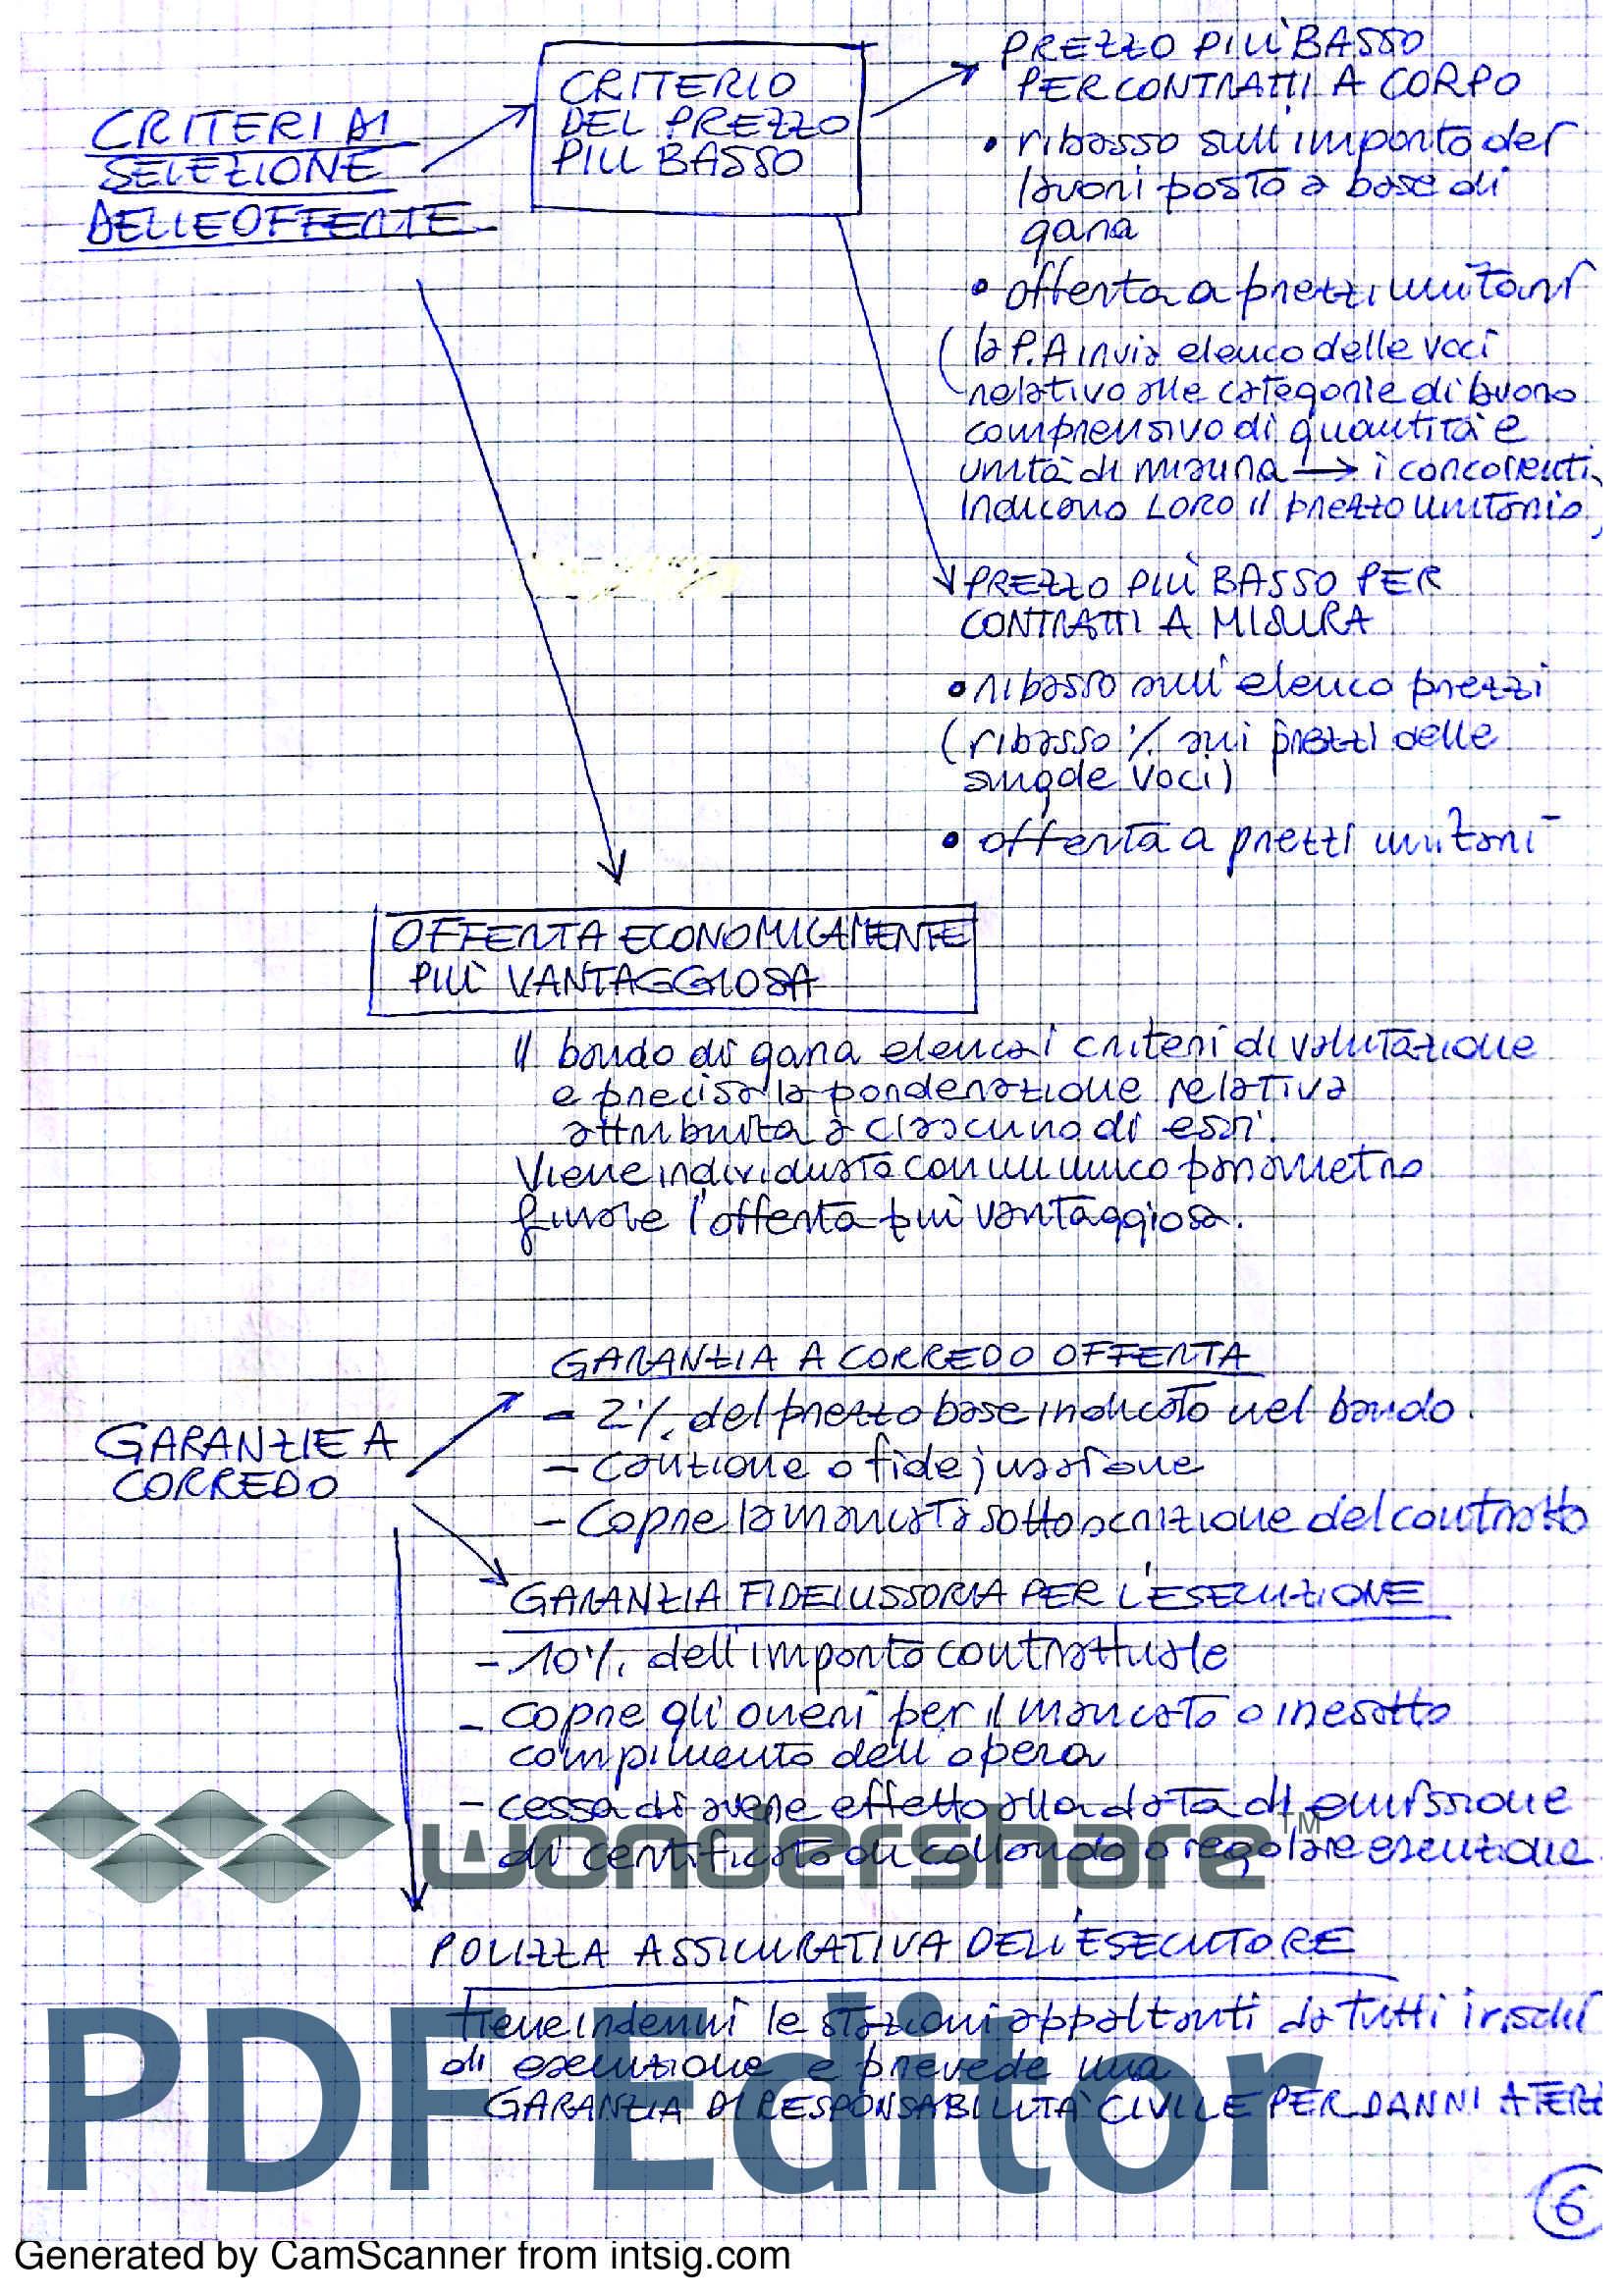 Urbanistica - Codice dei Contratti pubblici di Lavori Sevizi e forniture Pag. 6